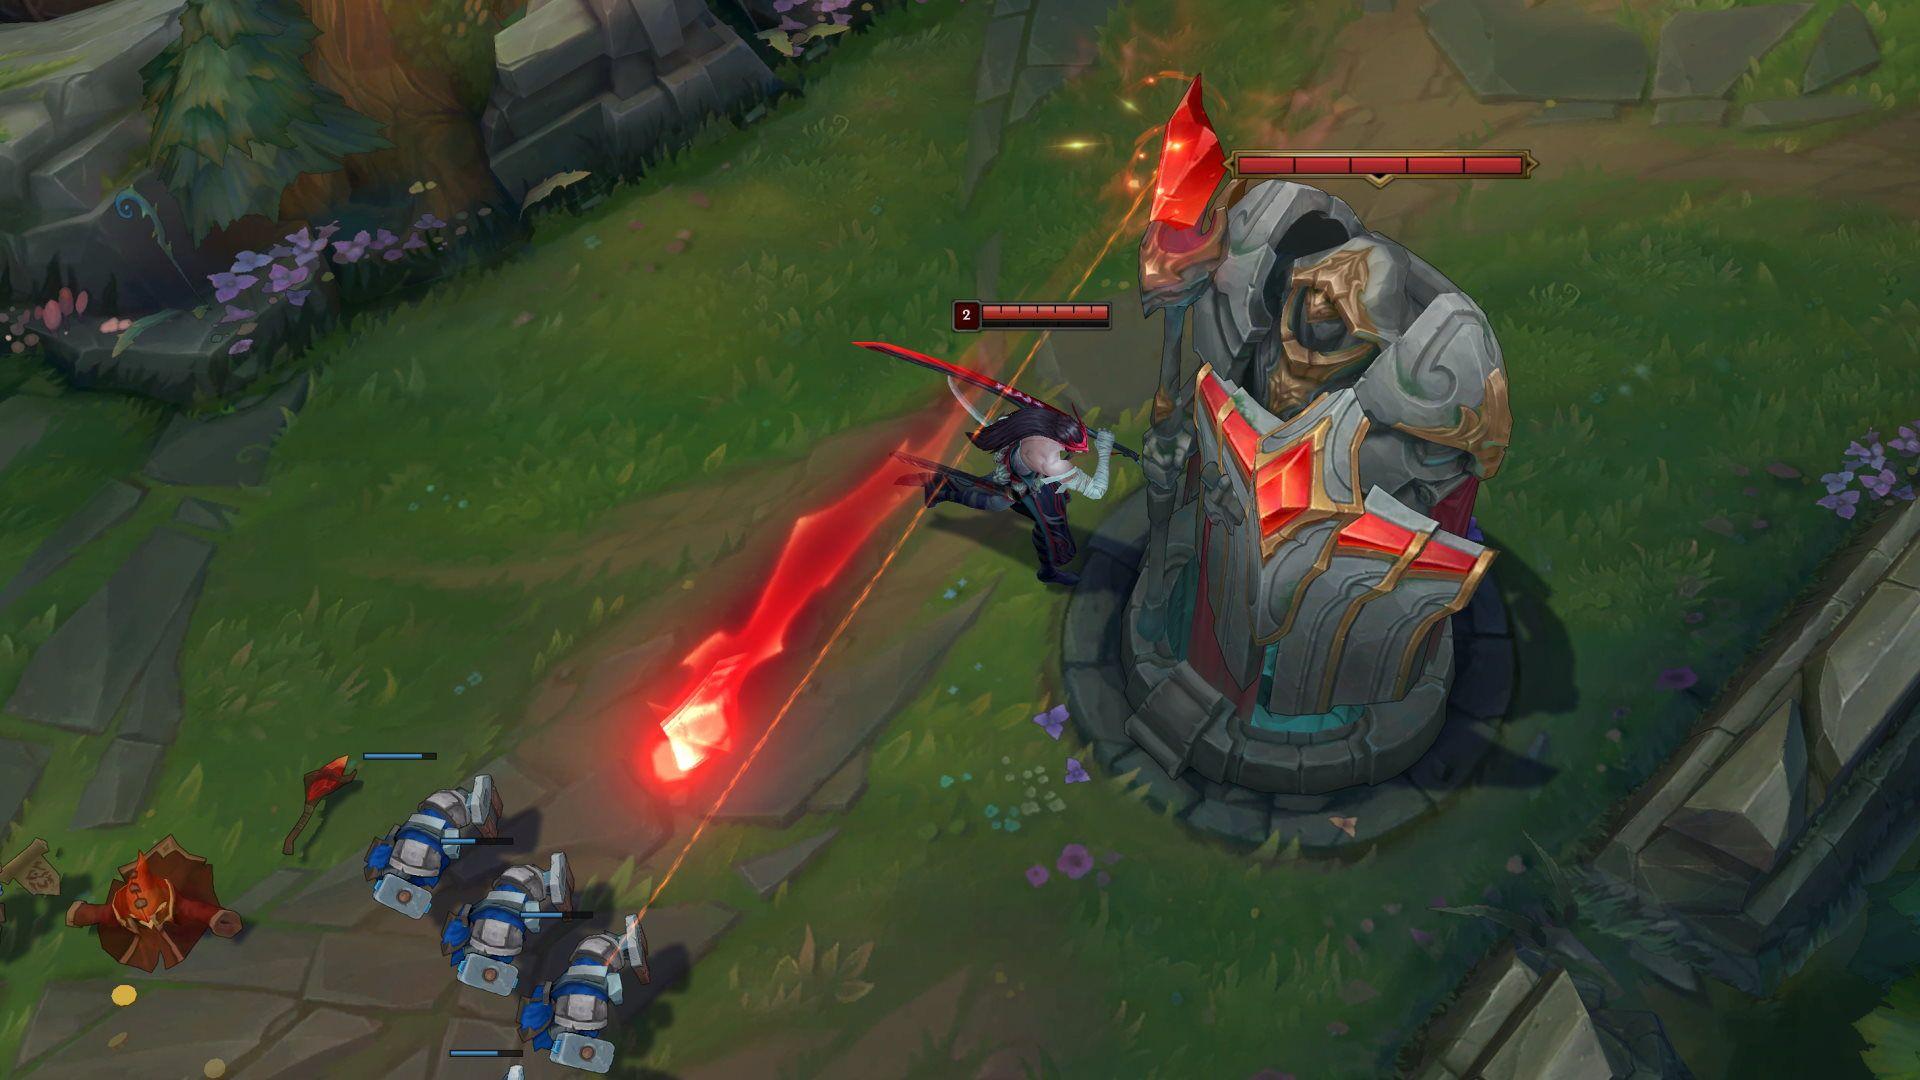 Outer Turret der Midlane in League of Legends mit aktiver Turmpanzerung schießt auf Vasallen.